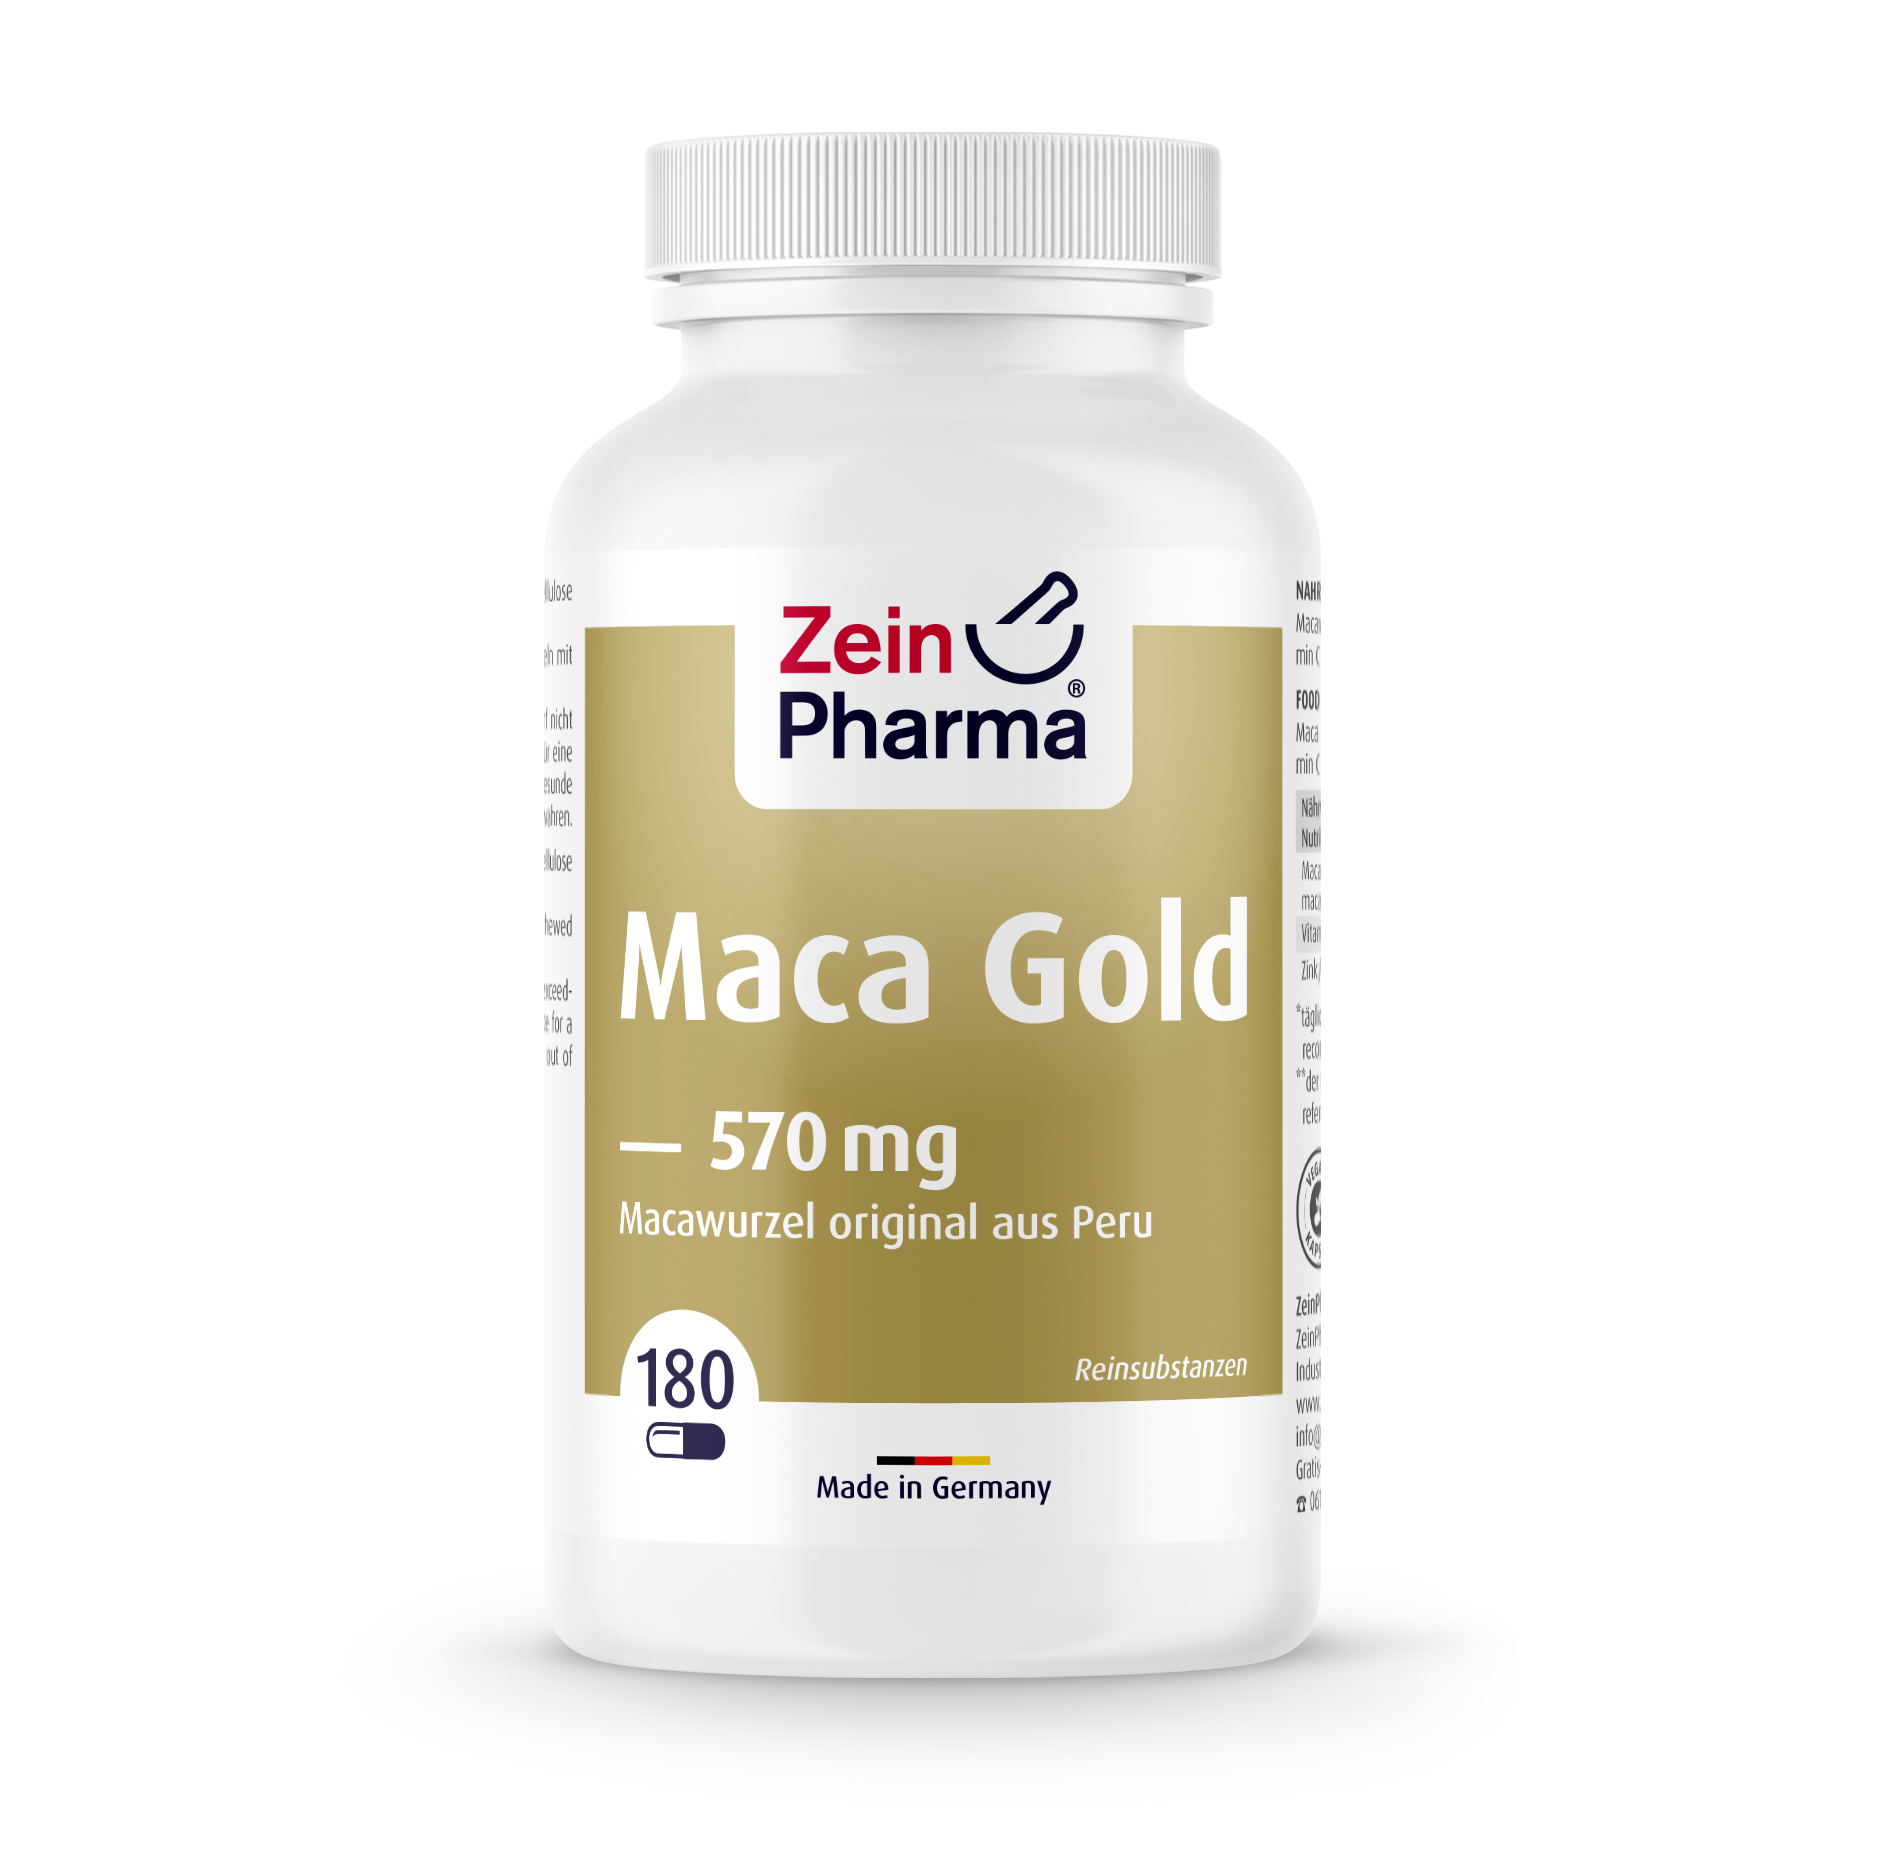 Maca Gold Capsules 570 mg